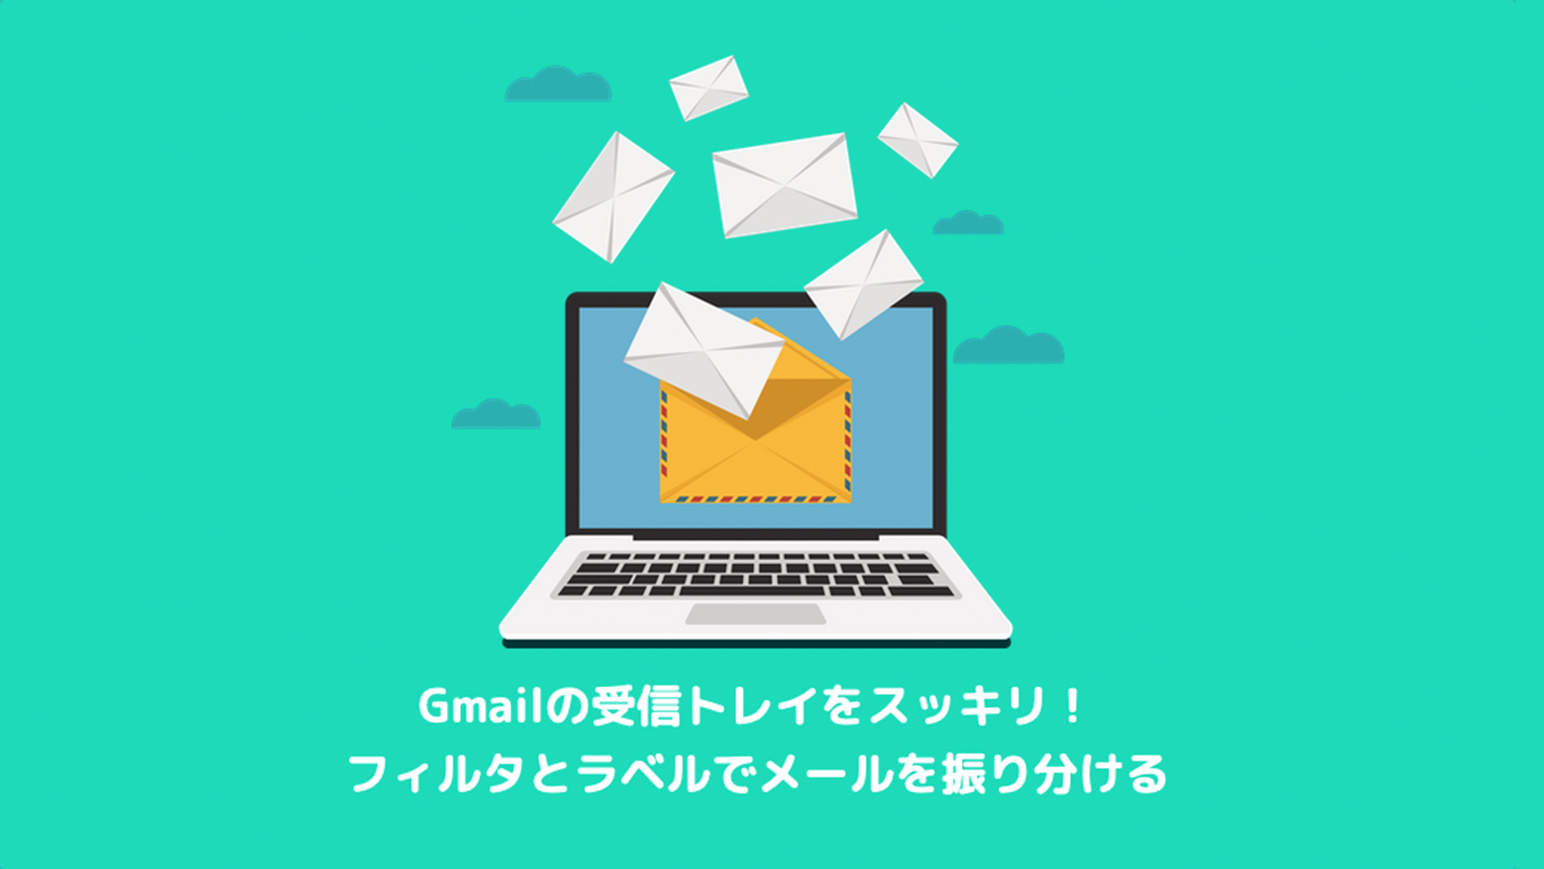 受信トレイをスッキリ!Gmailのフィルタとラベルでメールを振り分ける方法のアイキャッチ